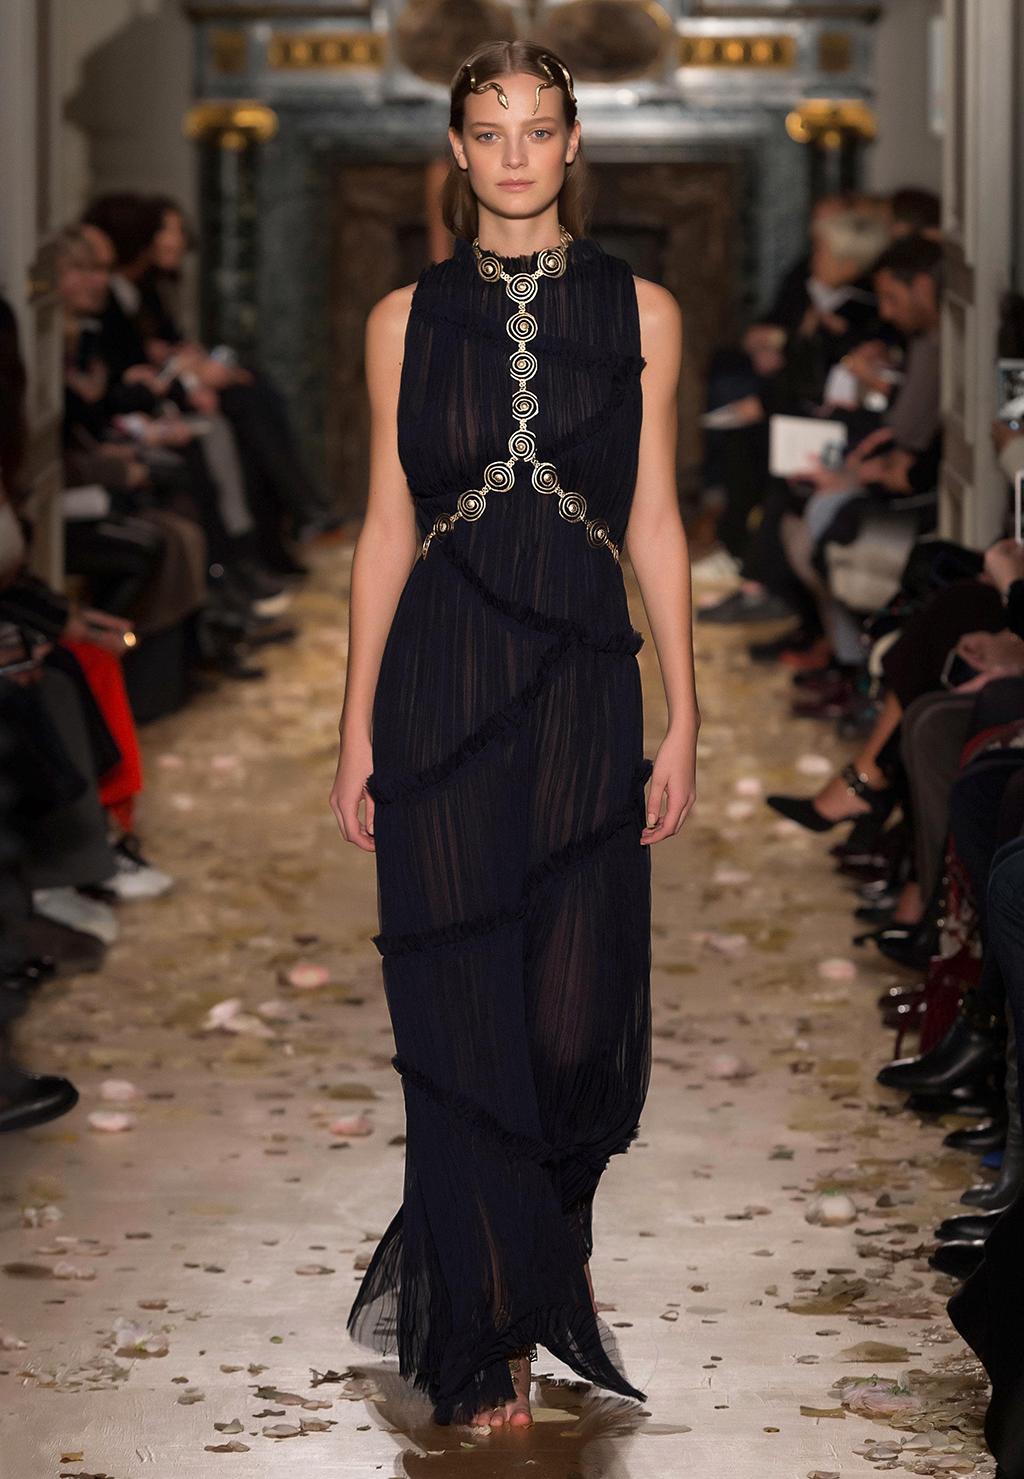 Valentino-Couture-Silhouette-45